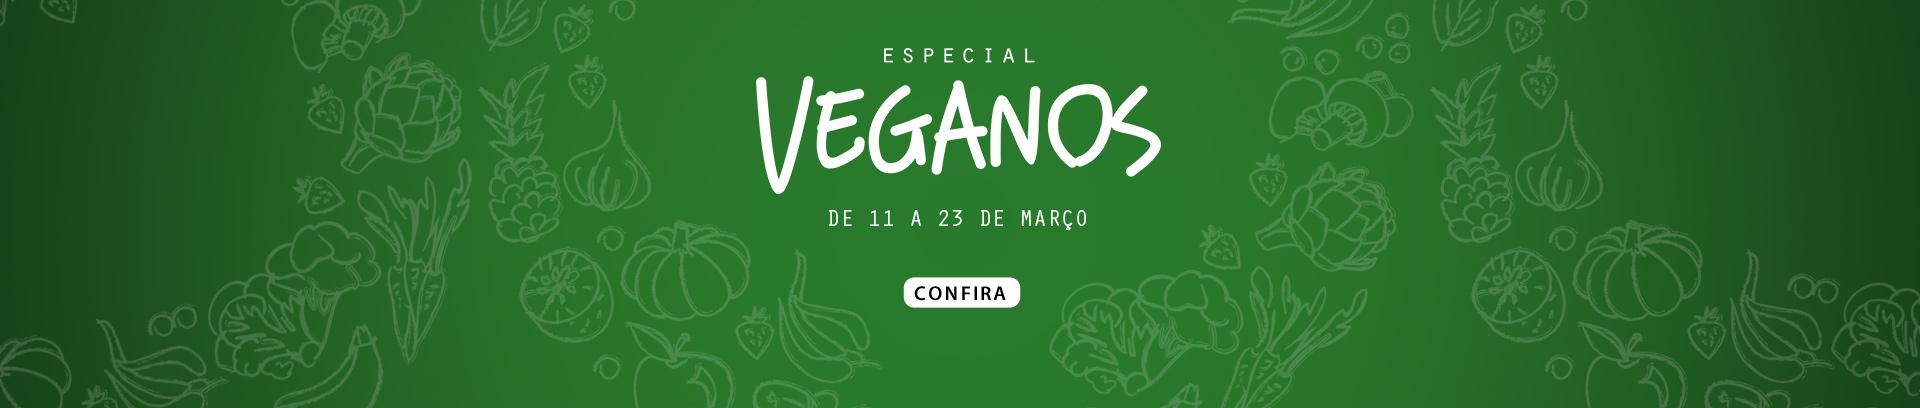 Veganos - desktop